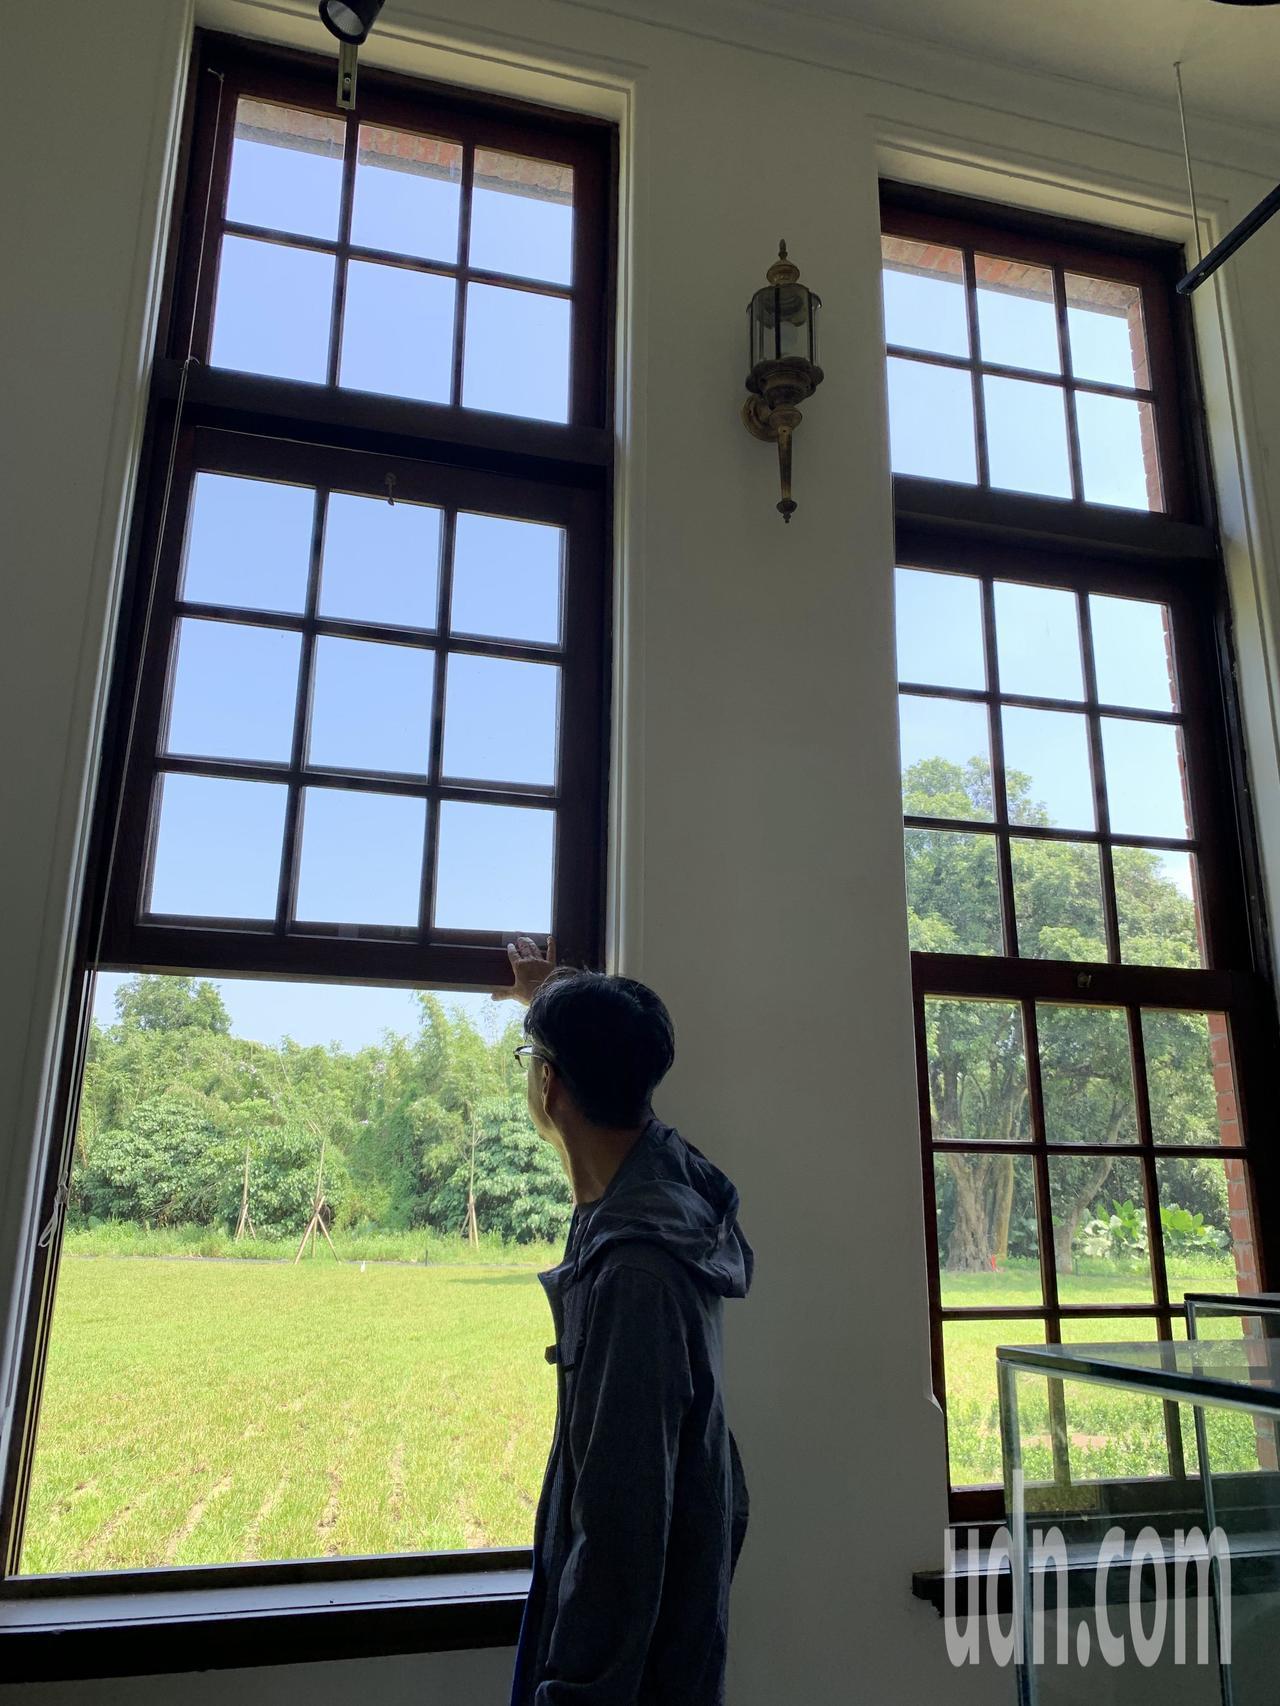 台南山上水道博物館有比美總統府的「永衡之窗」工藝技術。記者吳淑玲/攝影